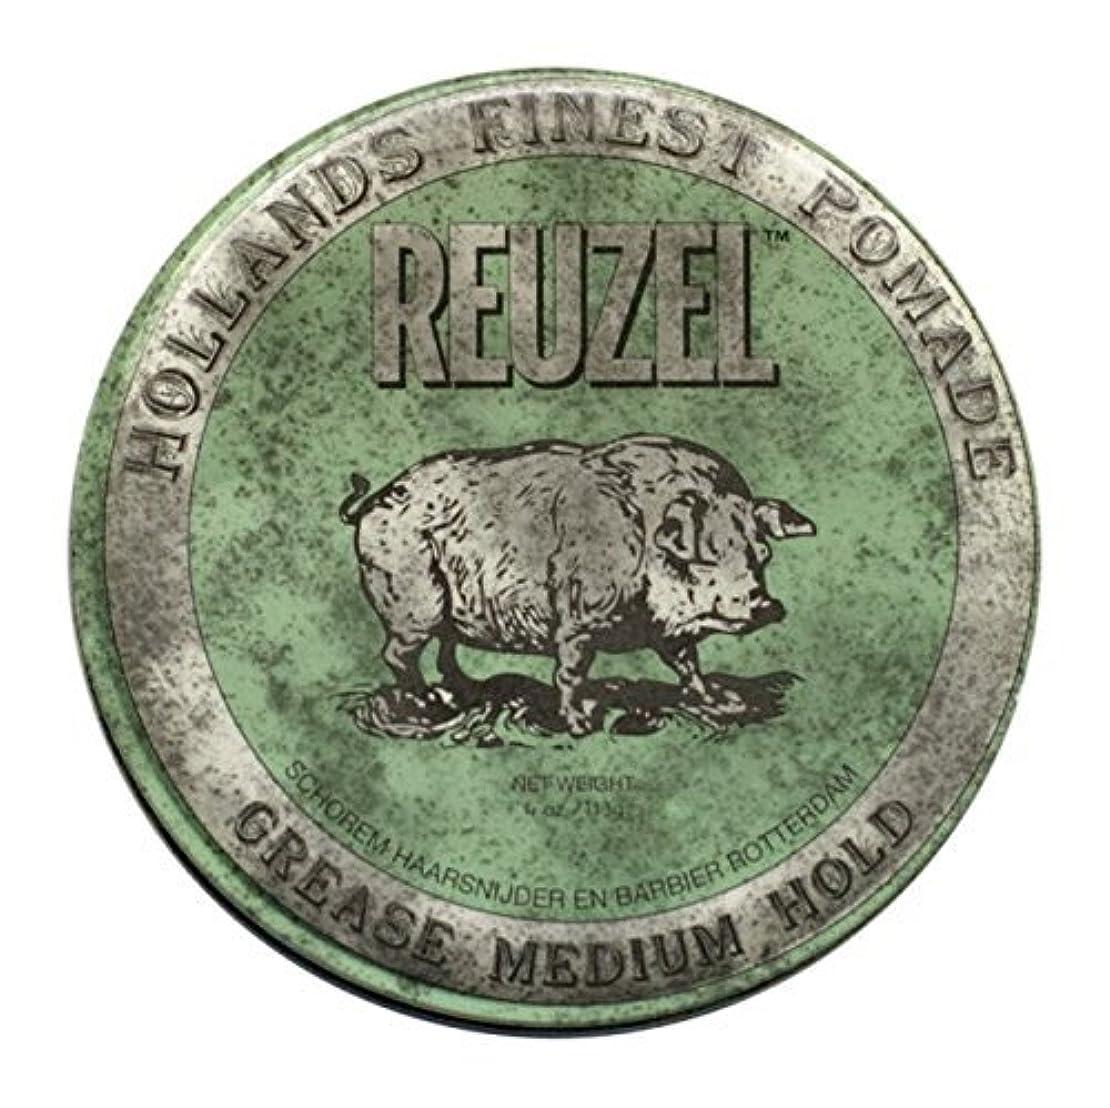 セメント長々と変位REUZEL Grease Hold Hair Styling Pomade Piglet Wax/Gel, Medium, Green, 1.3 oz, 35g [並行輸入品]